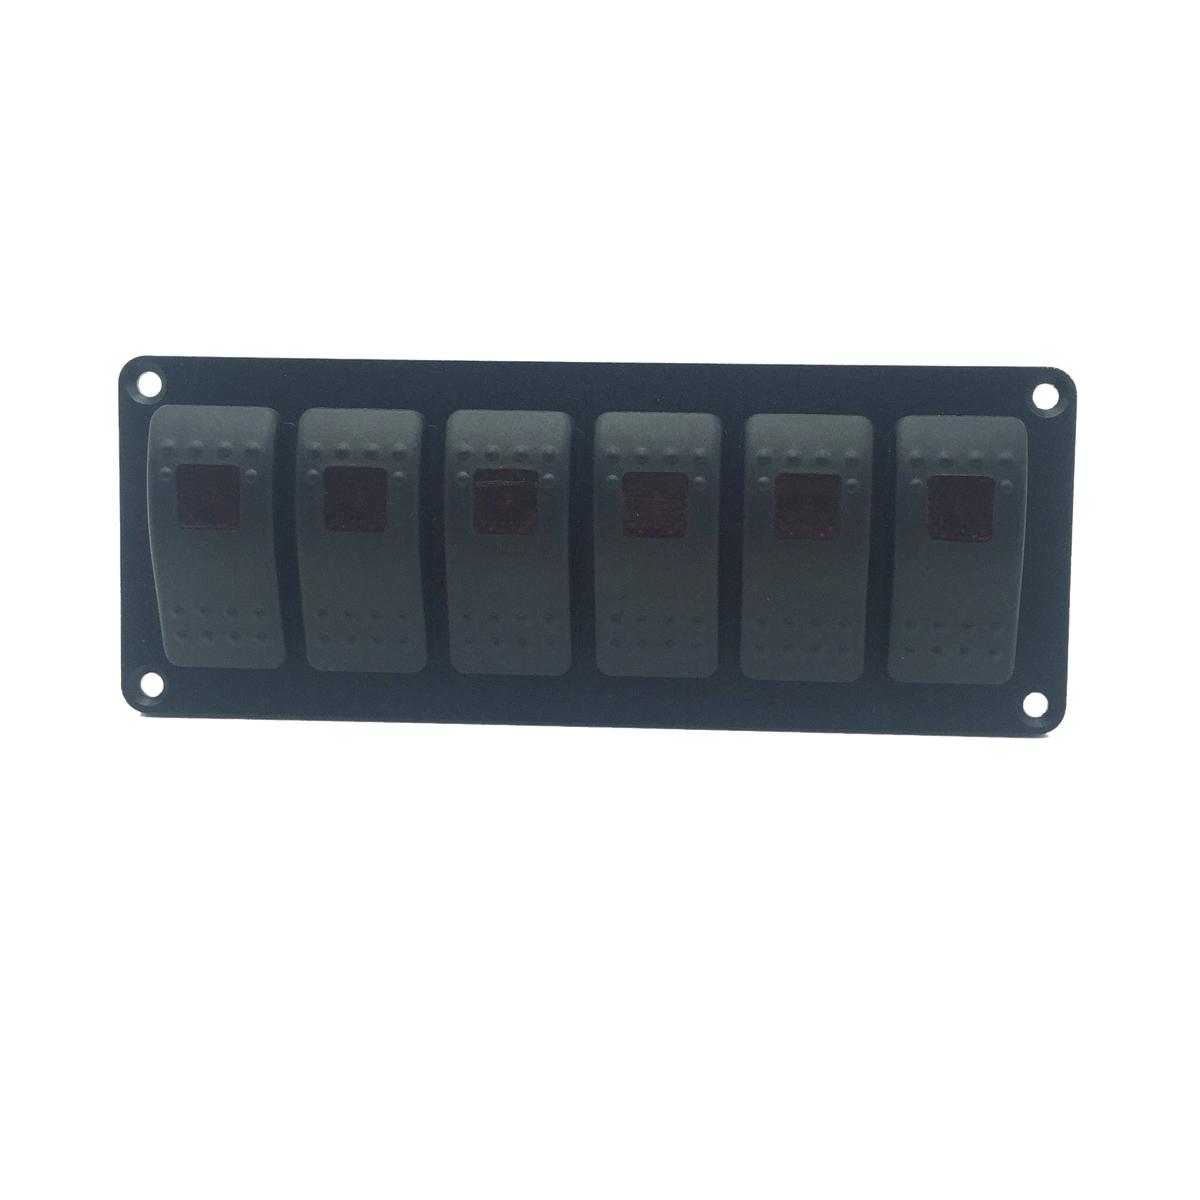 [해외]12V 24V 6 갱단 레드 LED 라이트 자동차 로커 스위치 조합 합금 RV 요트 조선 보트 트럭을패널을 전환/12V 24V 6 GANG Red LED light Car Rocker Switch Combination Alloy Swithes Panel for